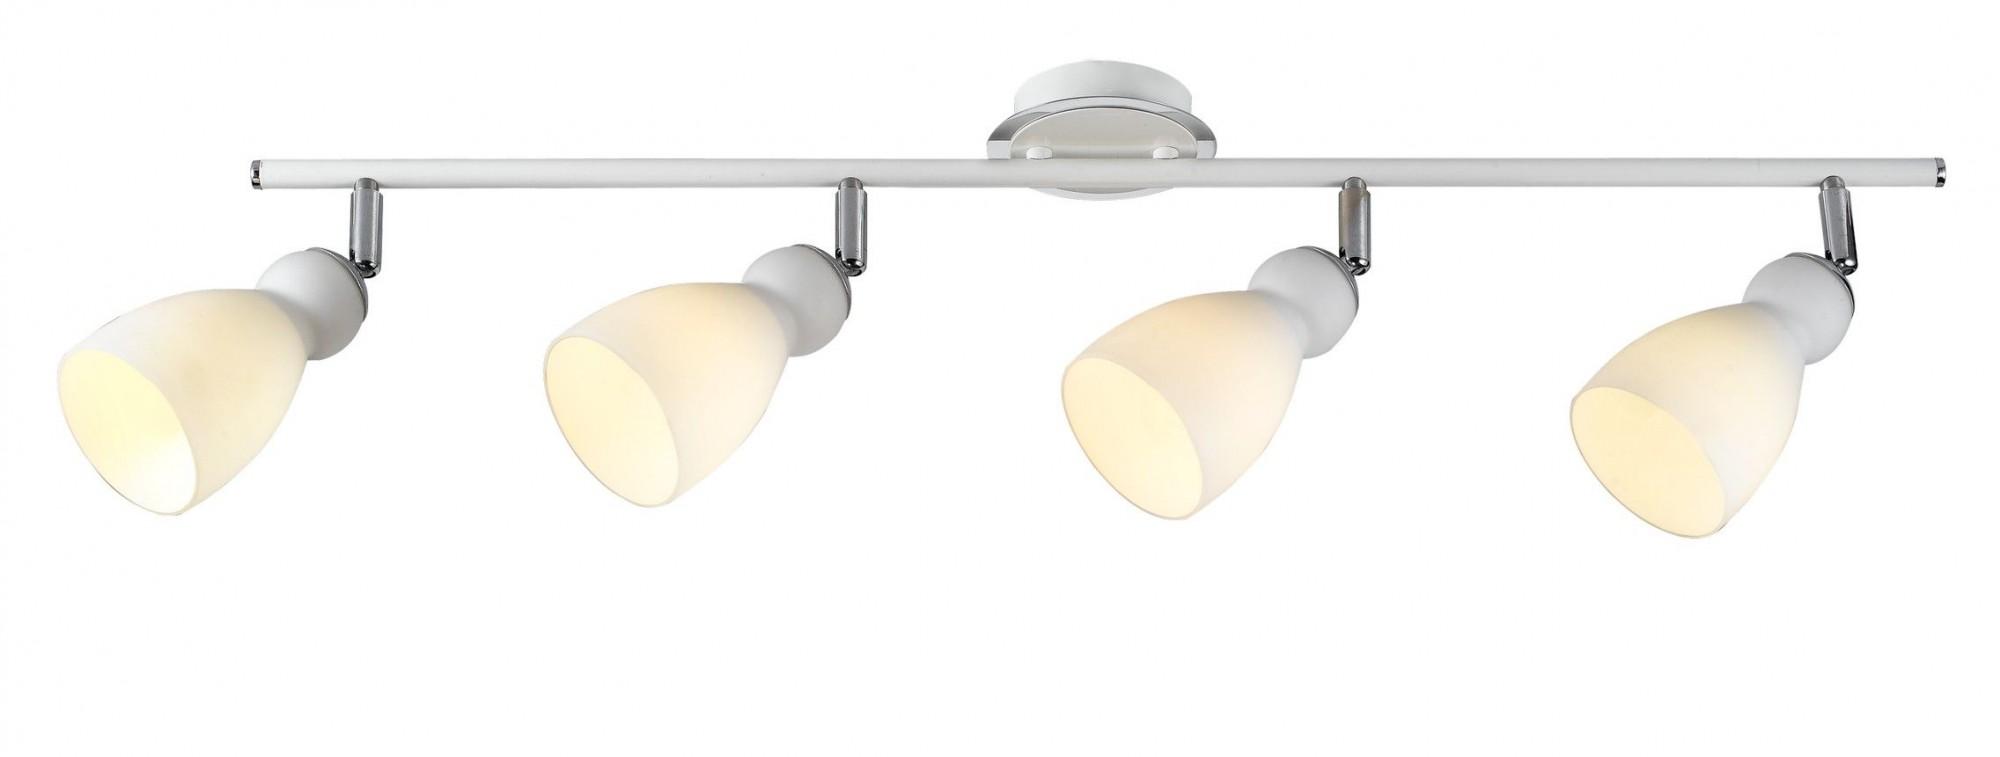 Фото товара A4037PL-4WH Arte Lamp